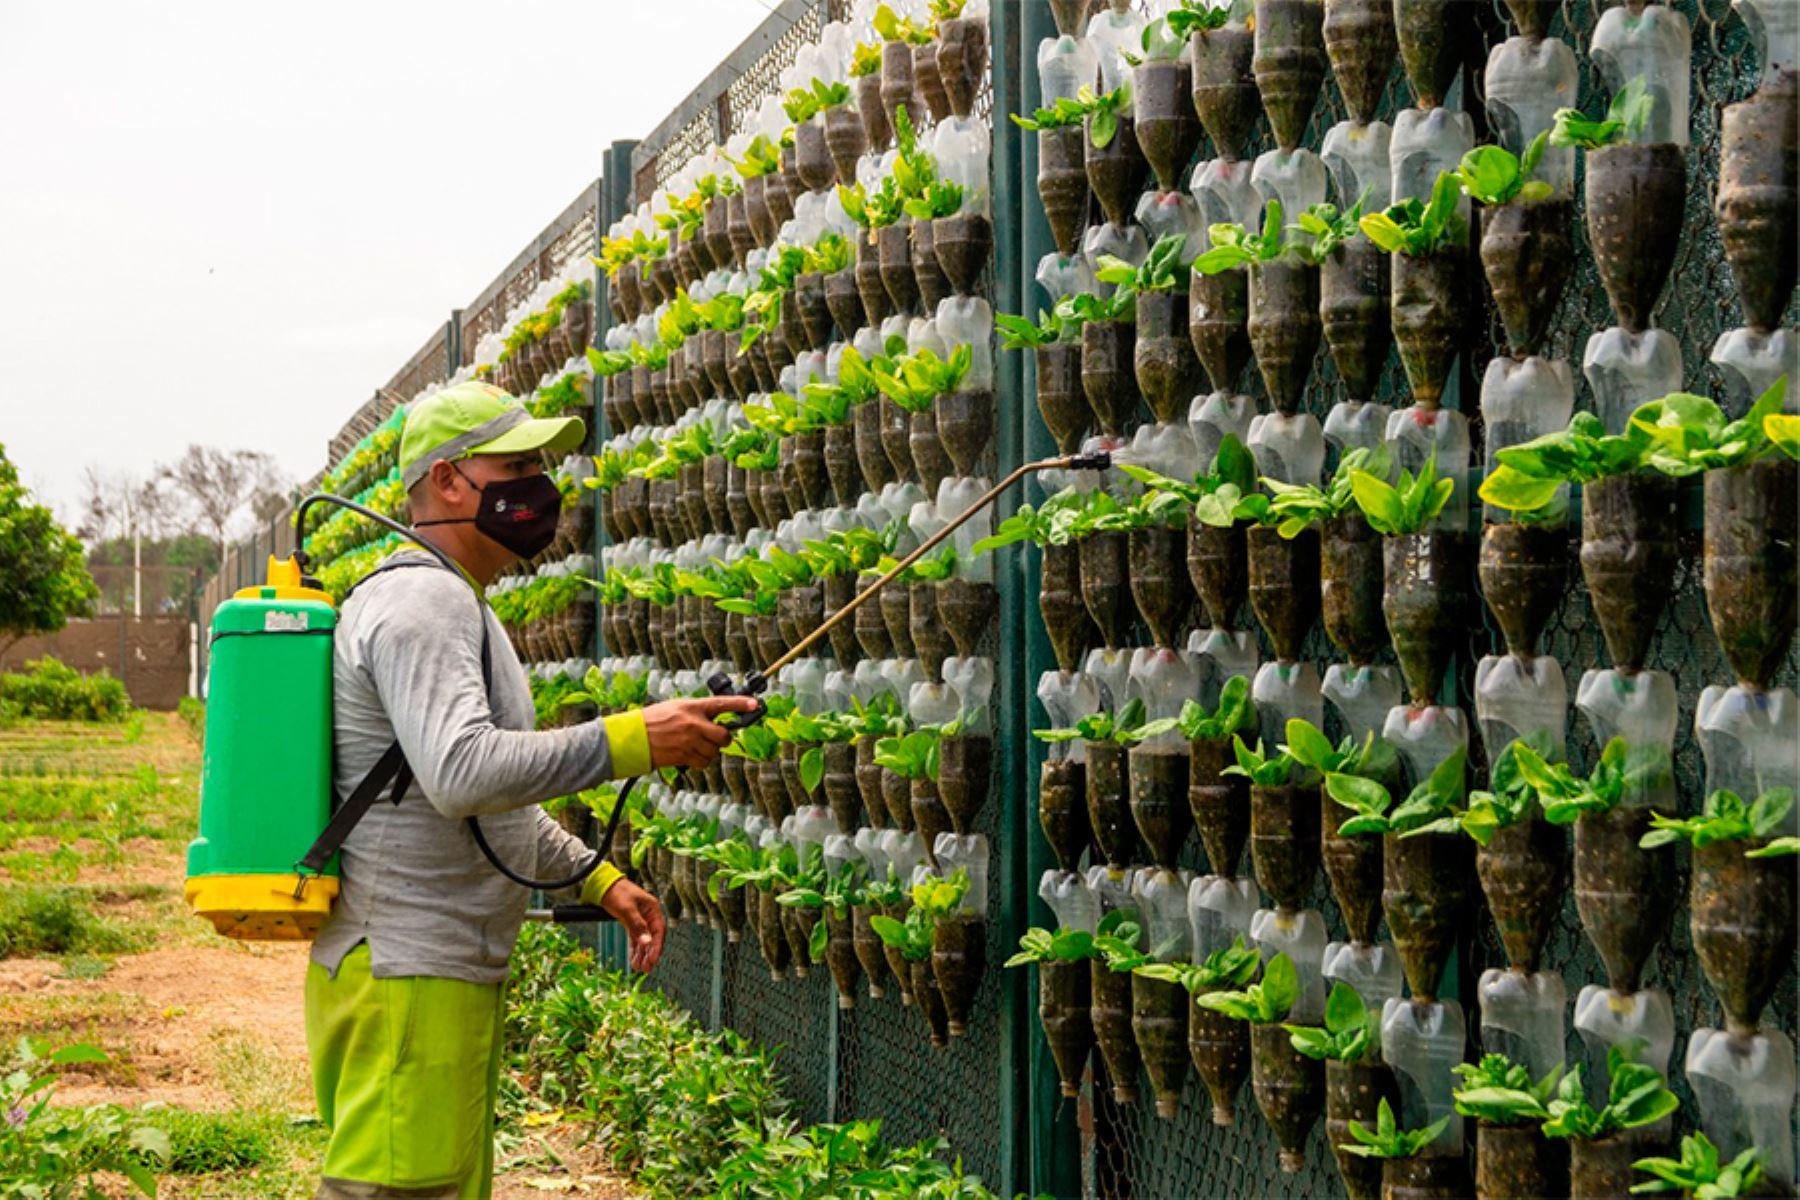 Cultivos son instalados en 11 mil macetas hechas con material reciclable de botellas de plástico sobre un área de 600 metros líneas de paneles. Foto: ANDINA/Municipalidad de Surco